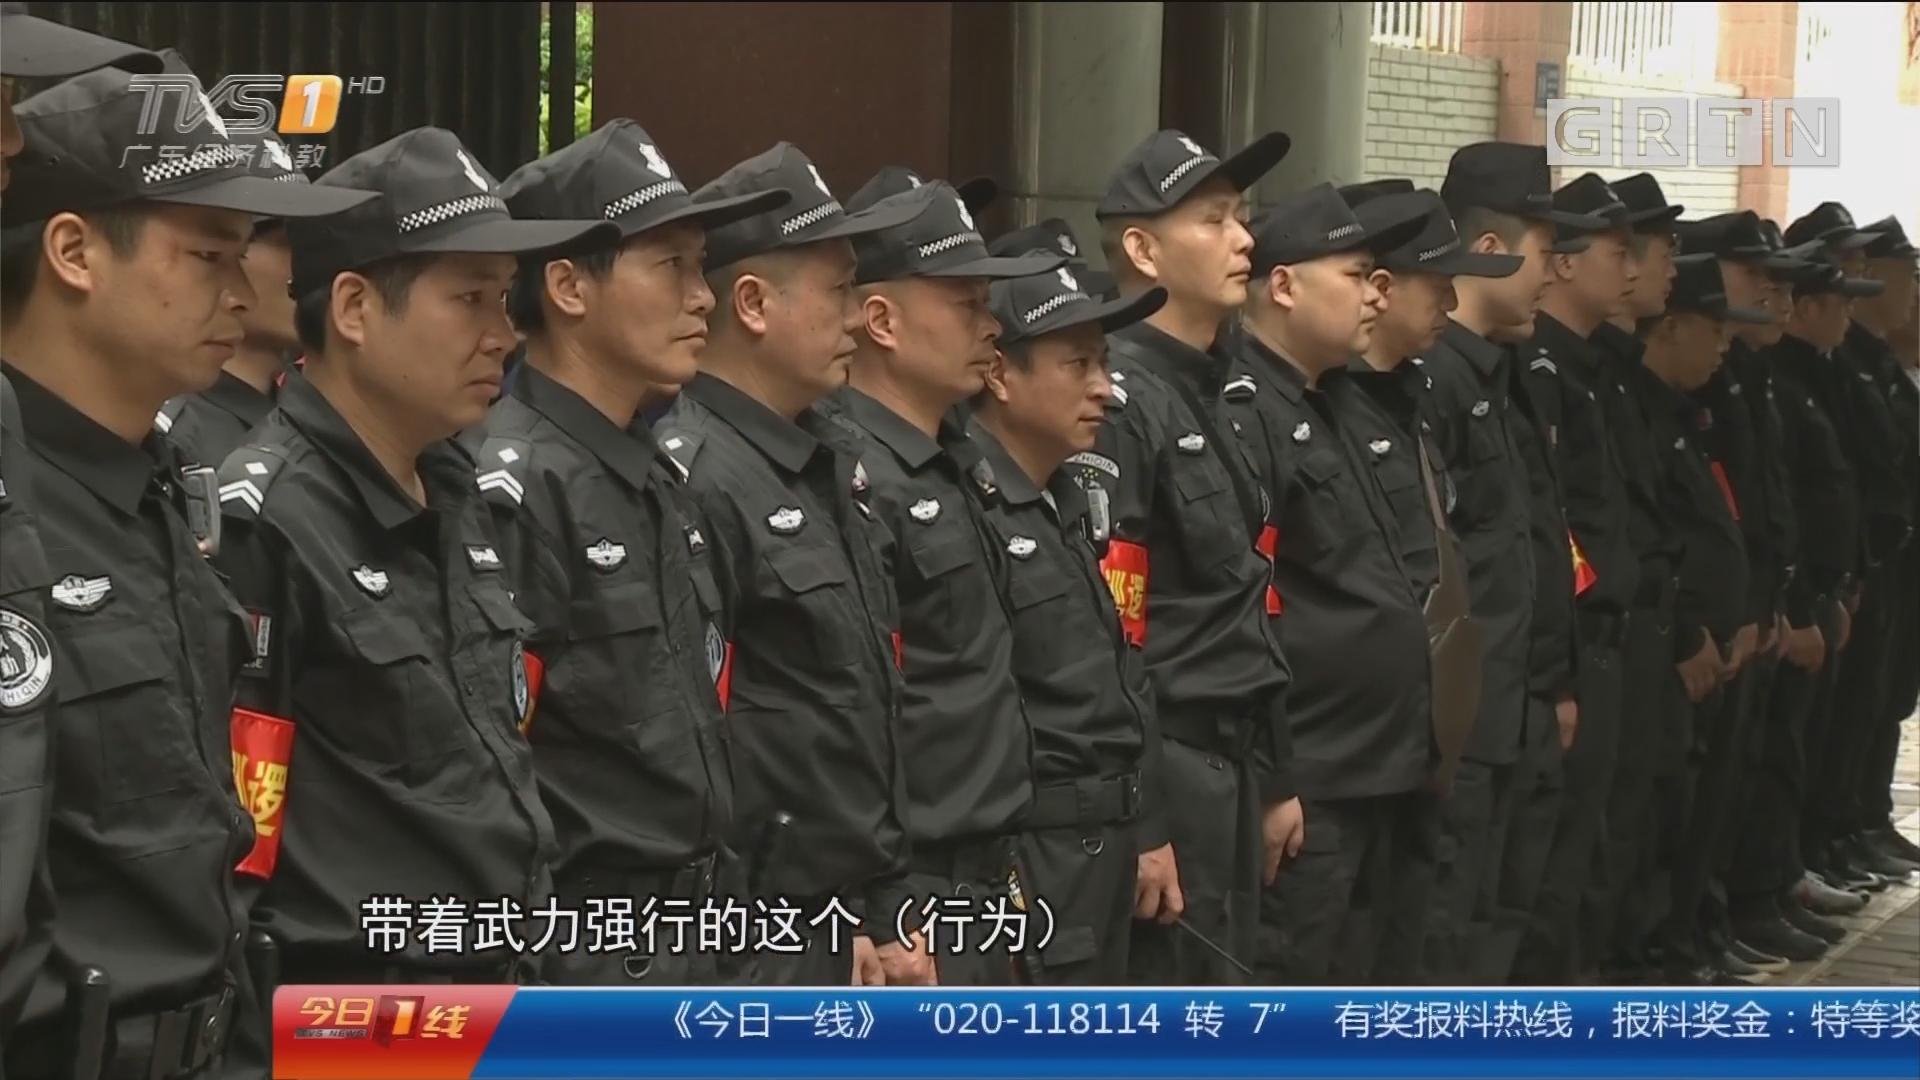 """广州美博城:物管纠纷 数十名保安""""对峙"""""""